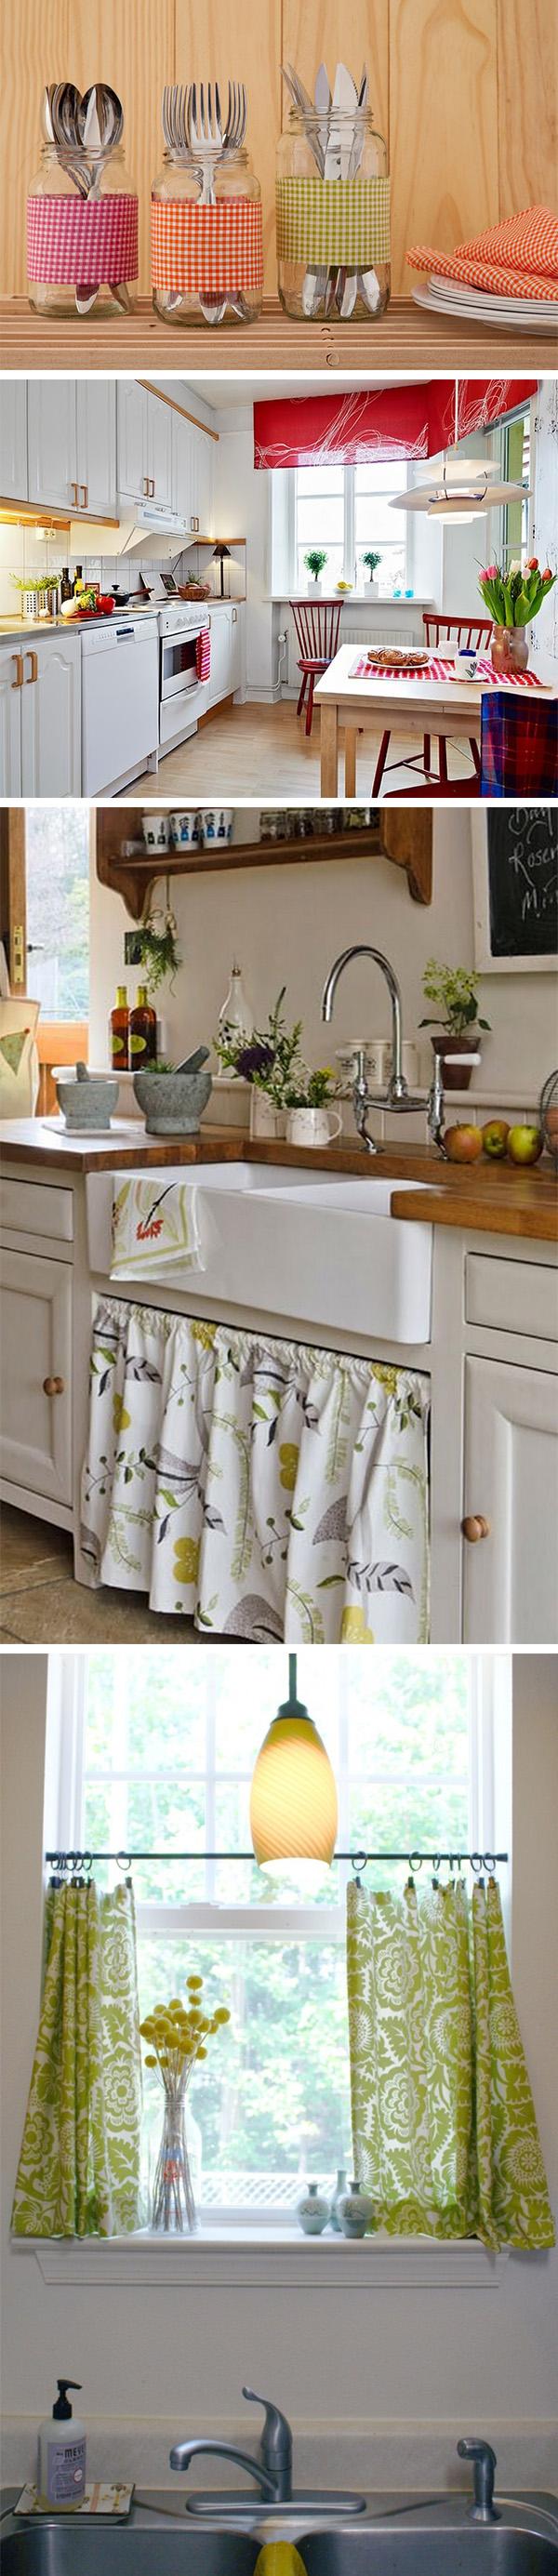 Ideias econômicas para decorar cozinha 4